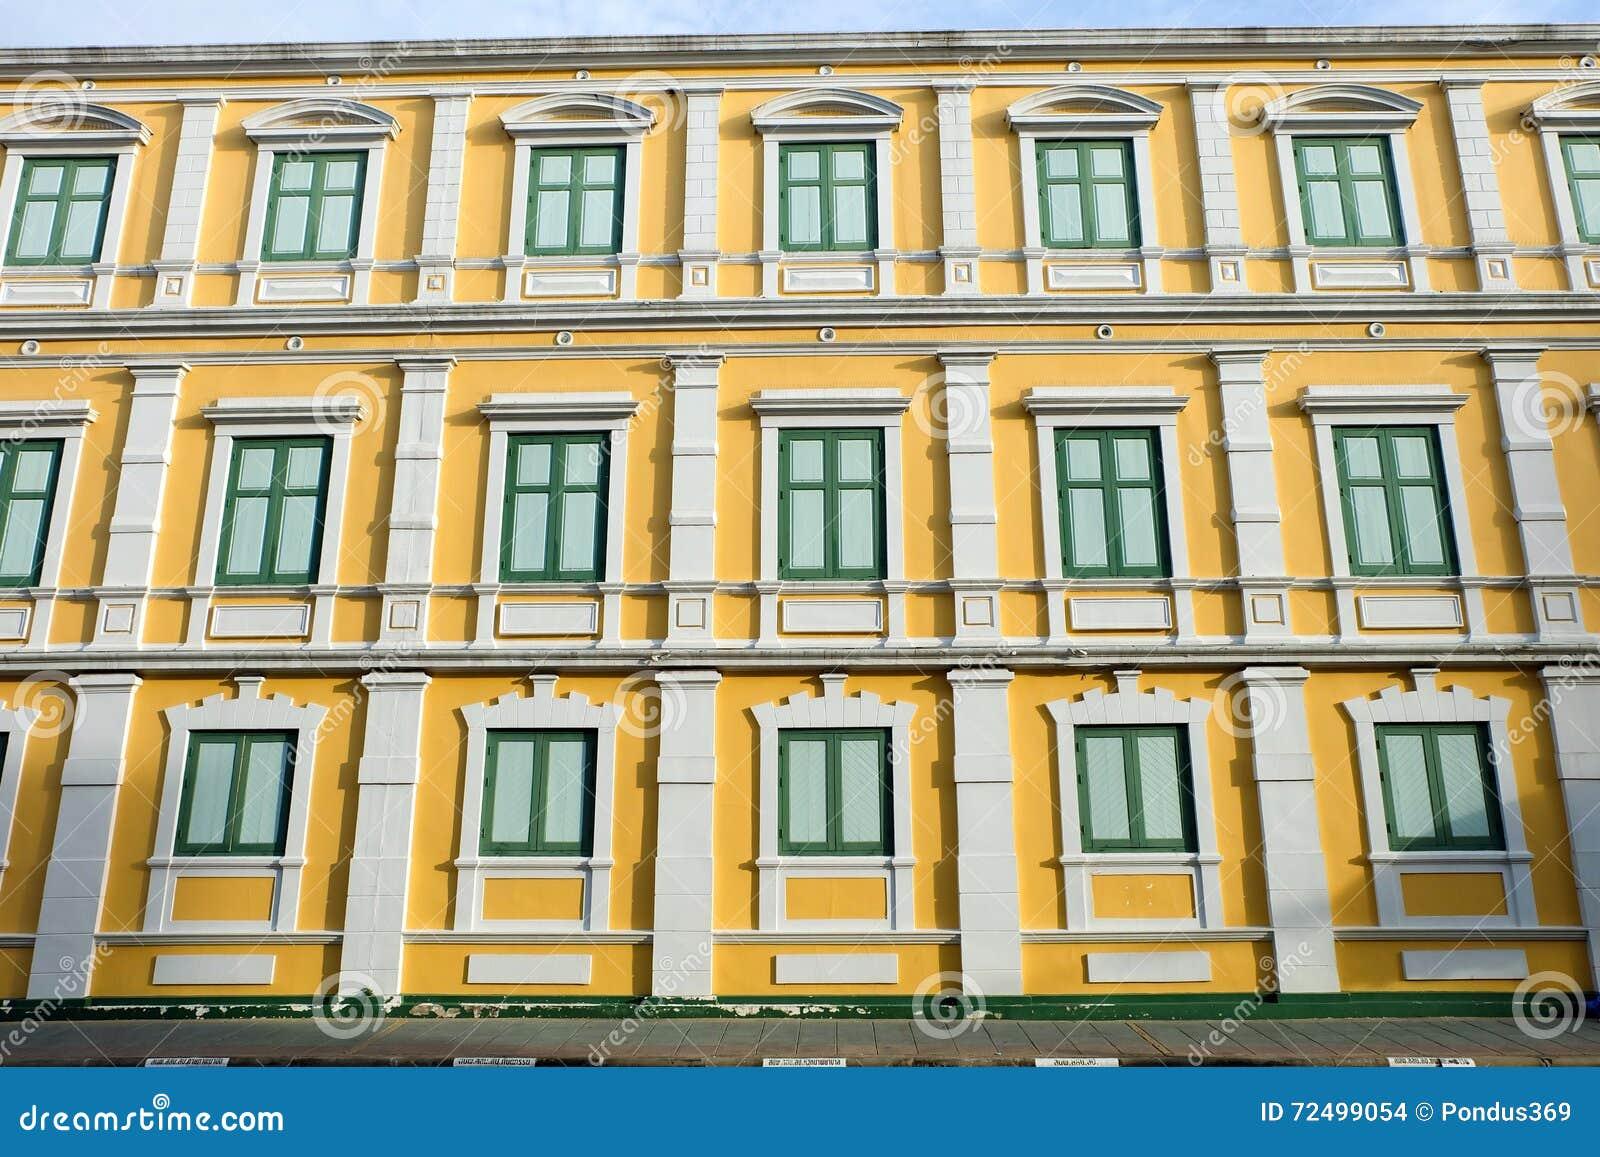 Ministerie van defensie, Al gesloten windows re